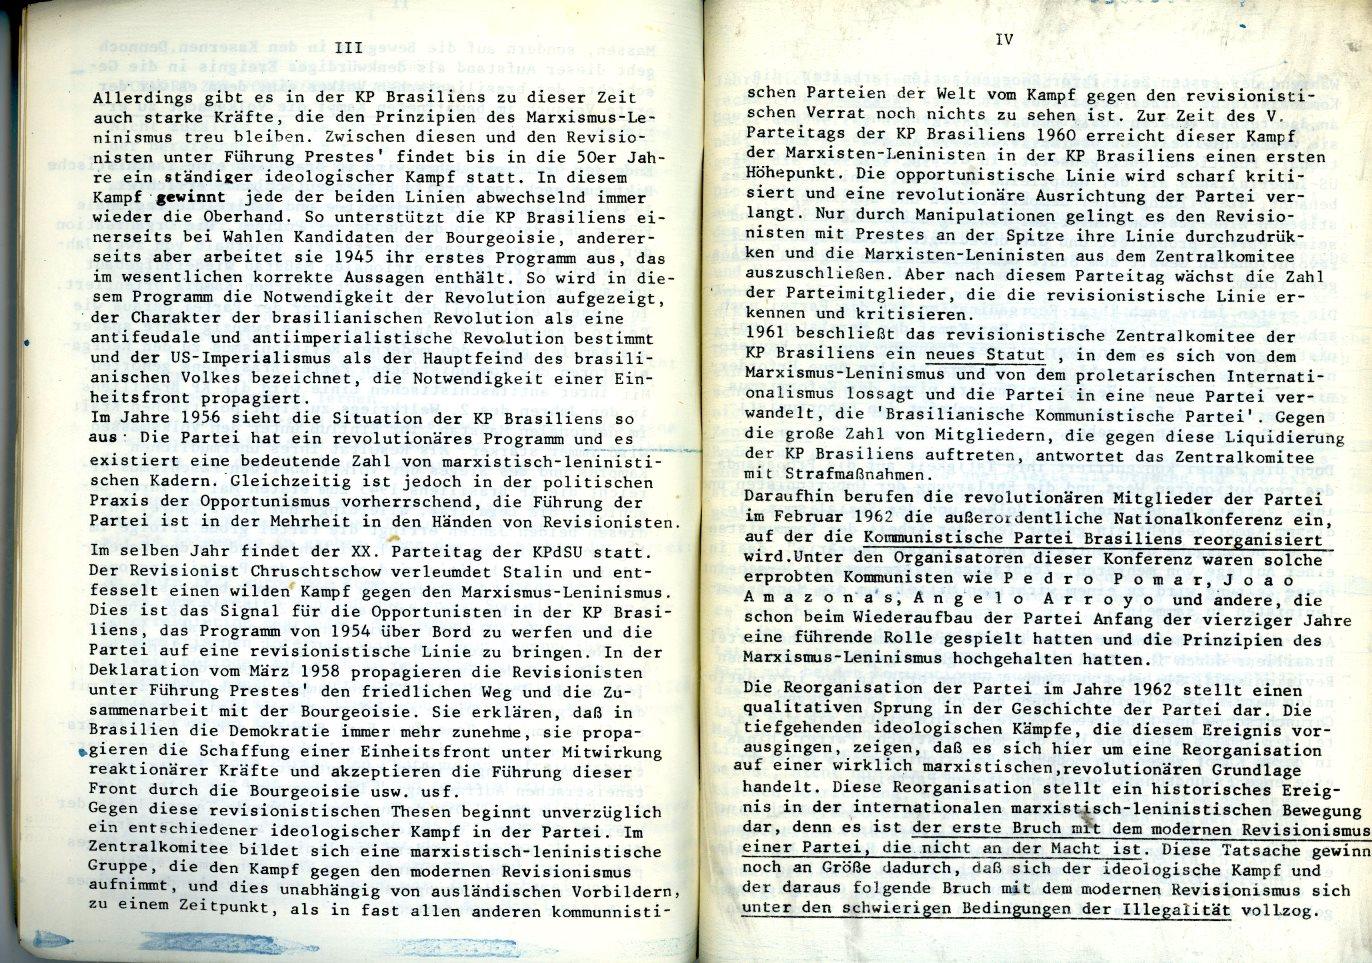 MLSK_Theorie_und_Praxis_des_ML_1978_20_05